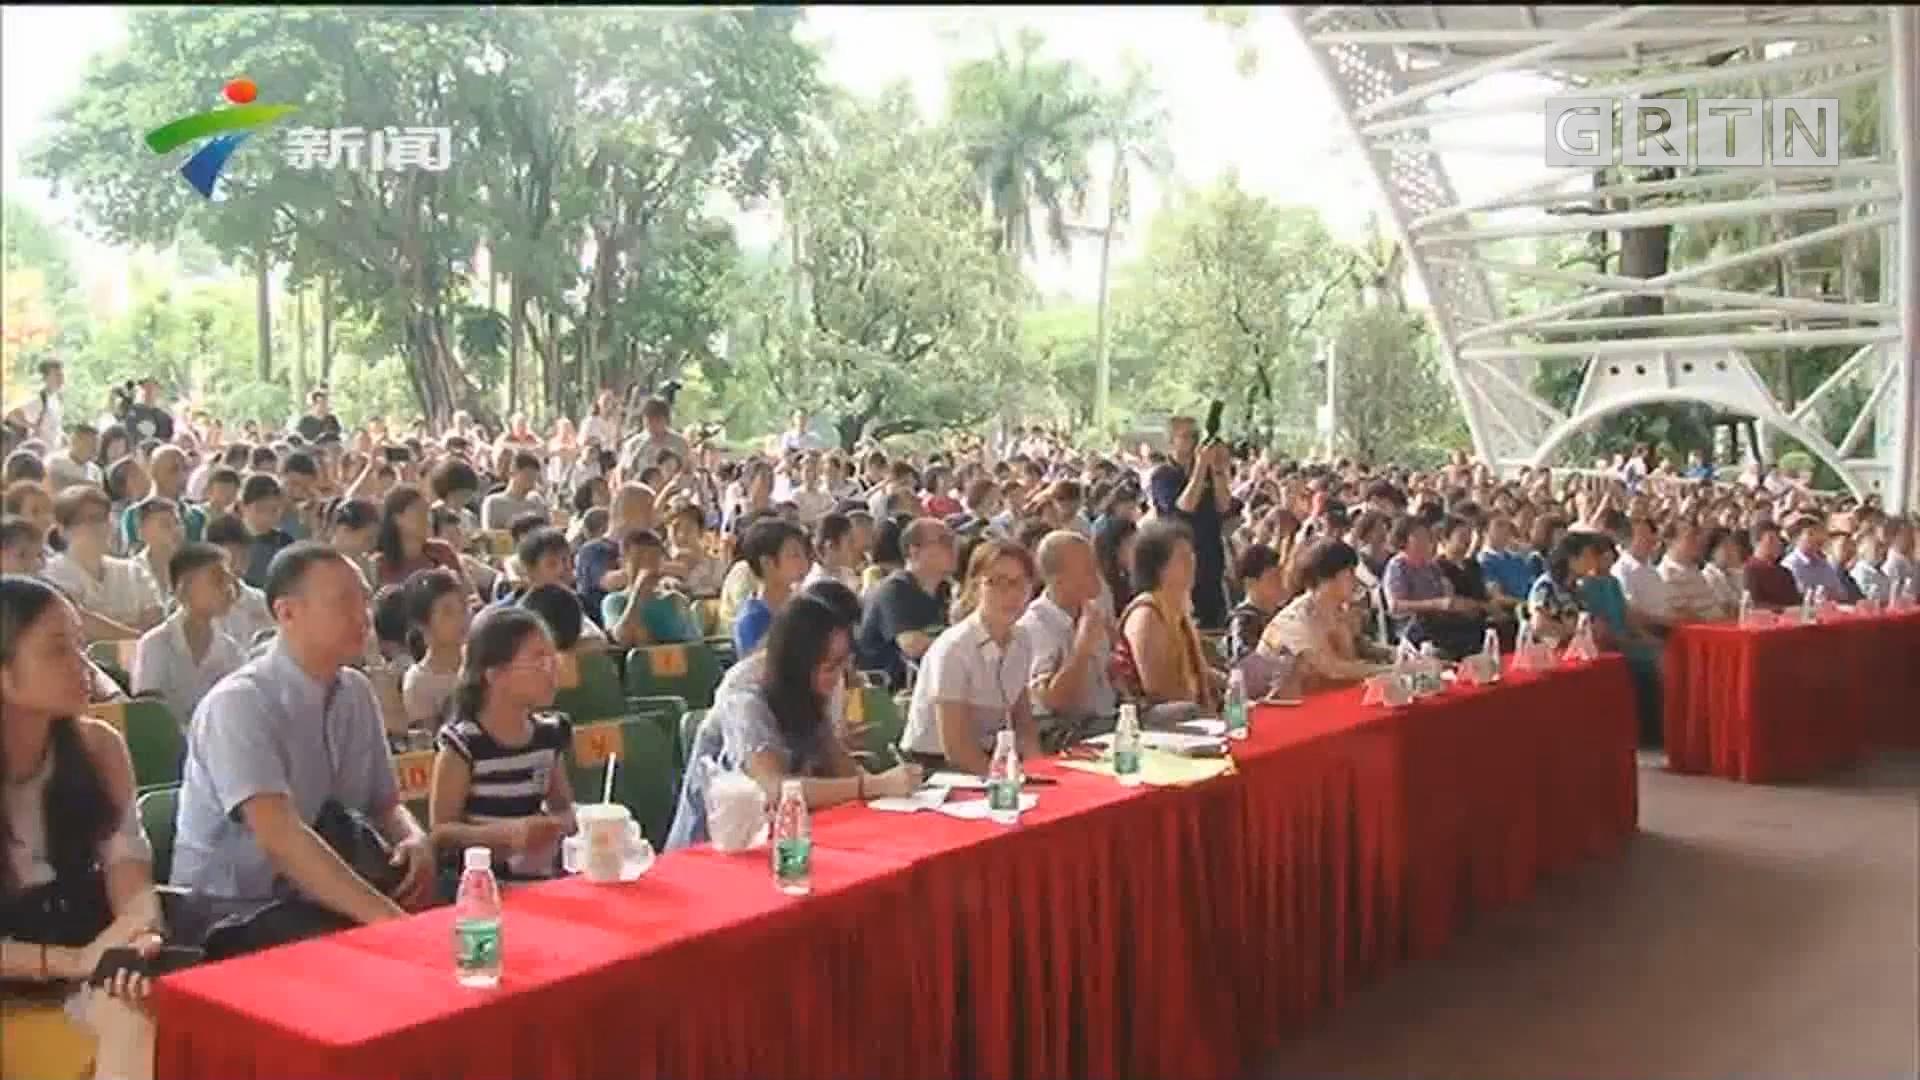 广州青少年竞选十三行博物馆讲解员